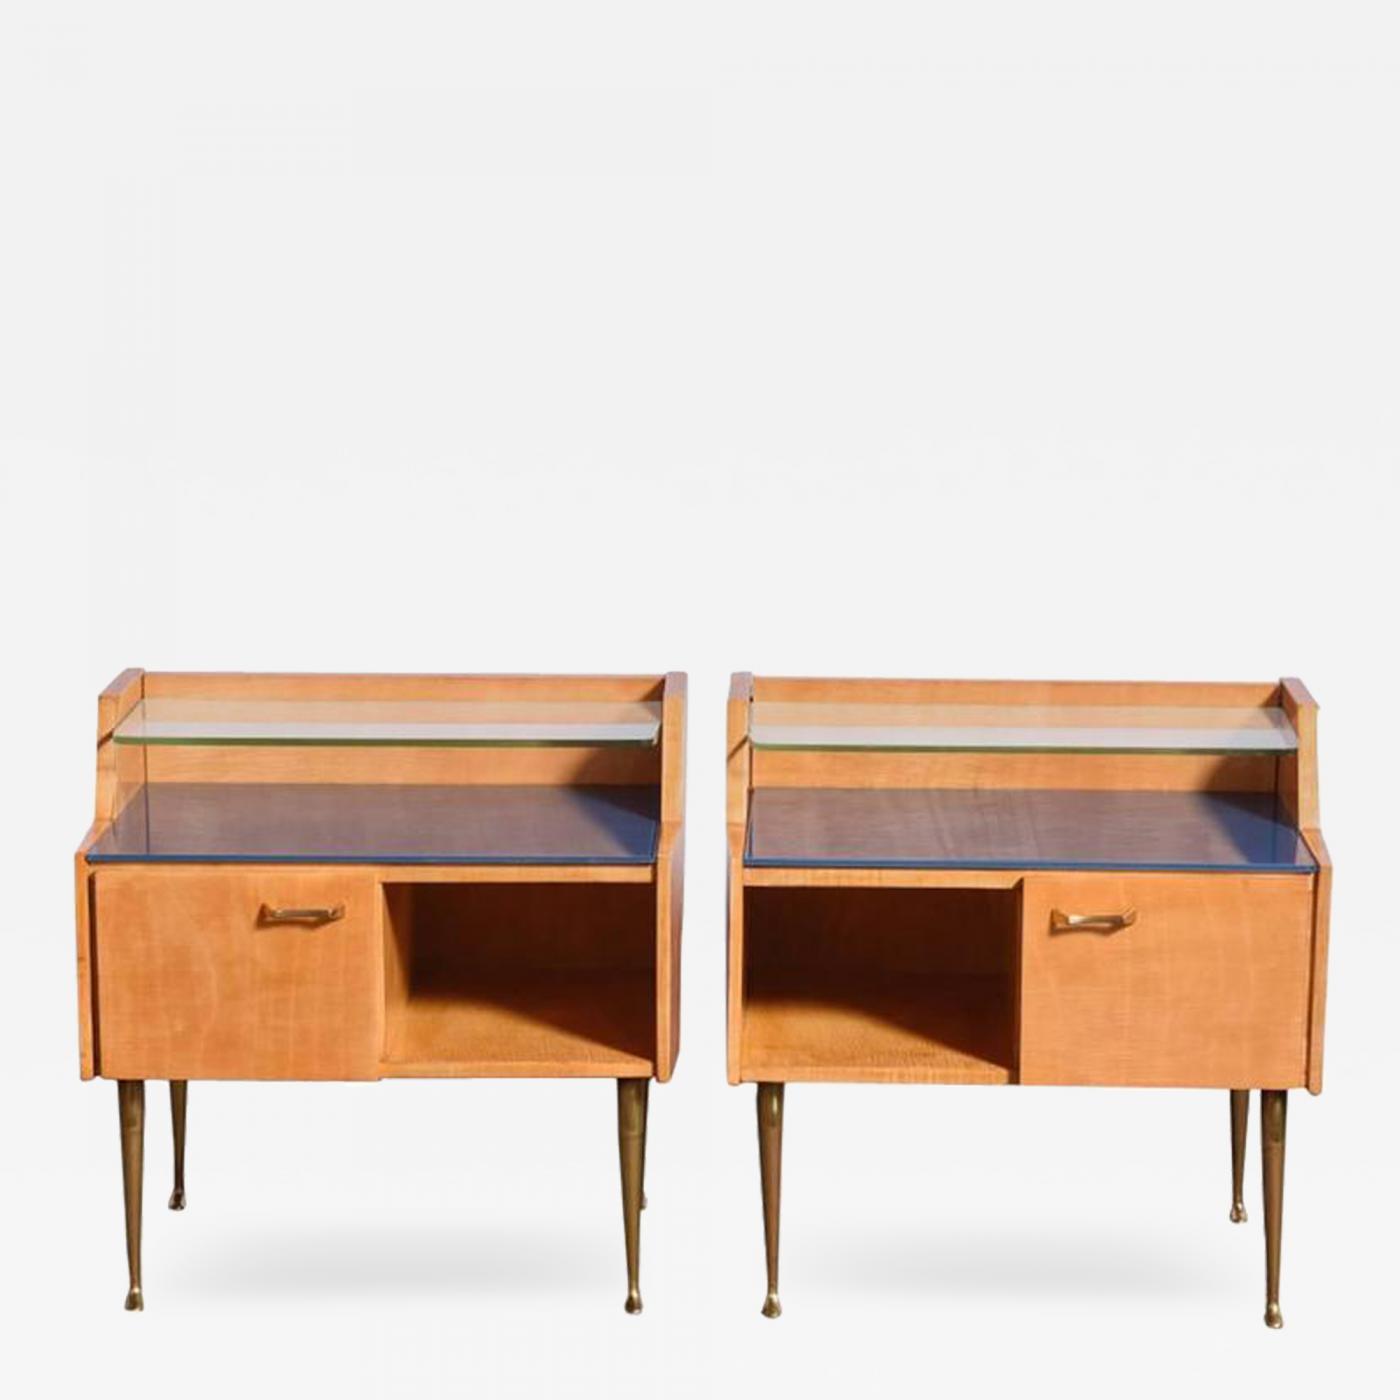 Pair of 1950s Nightstands